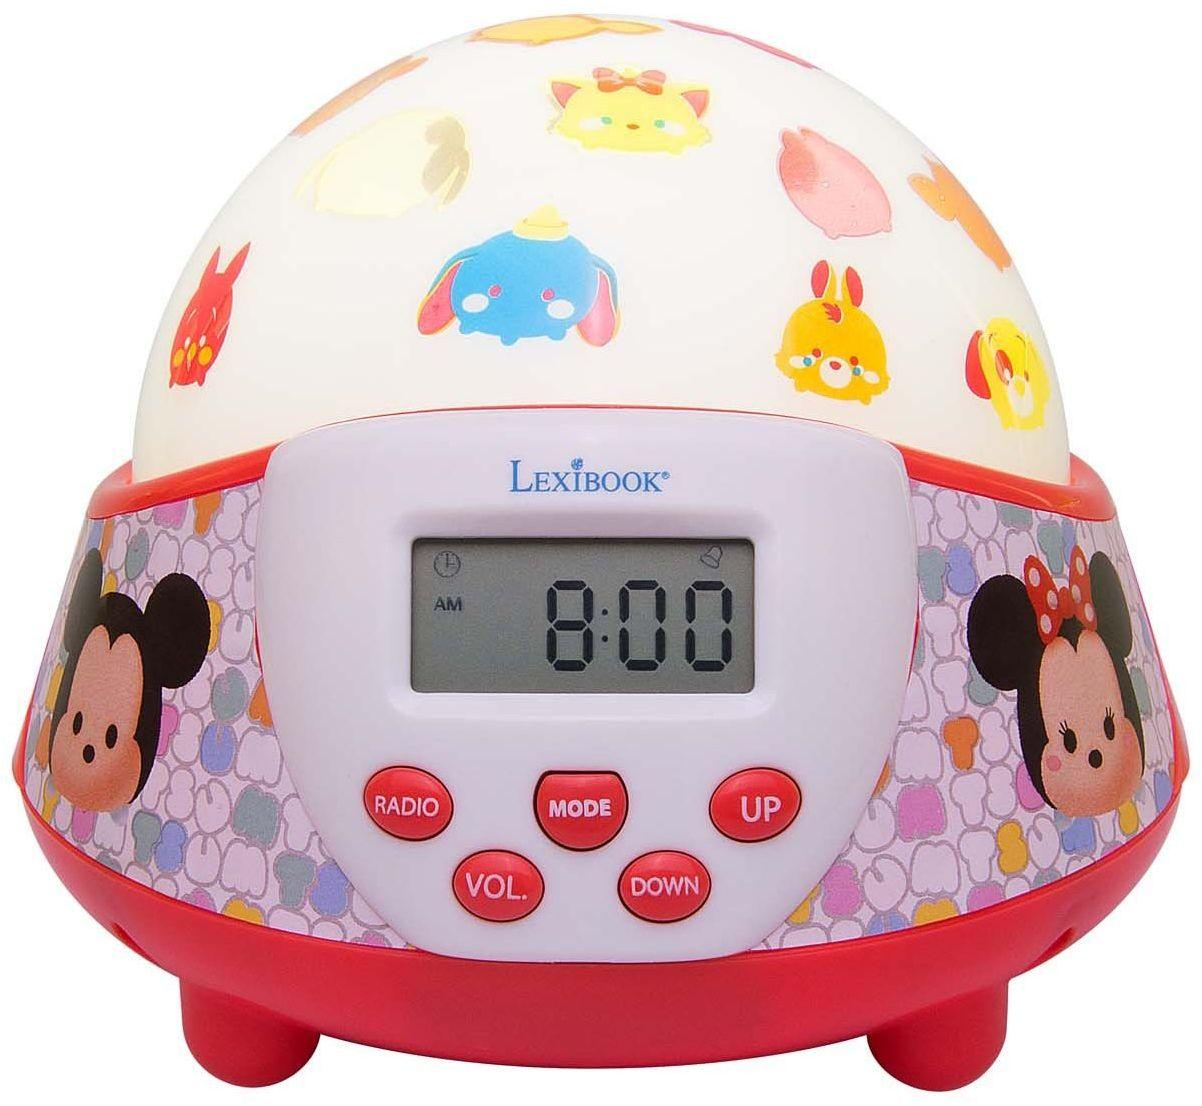 Lexibook Disney Tsum Tsum Mickey zegar z lampką nocną, energooszczędny, bateria, czerwony/biały, NLJ140TT